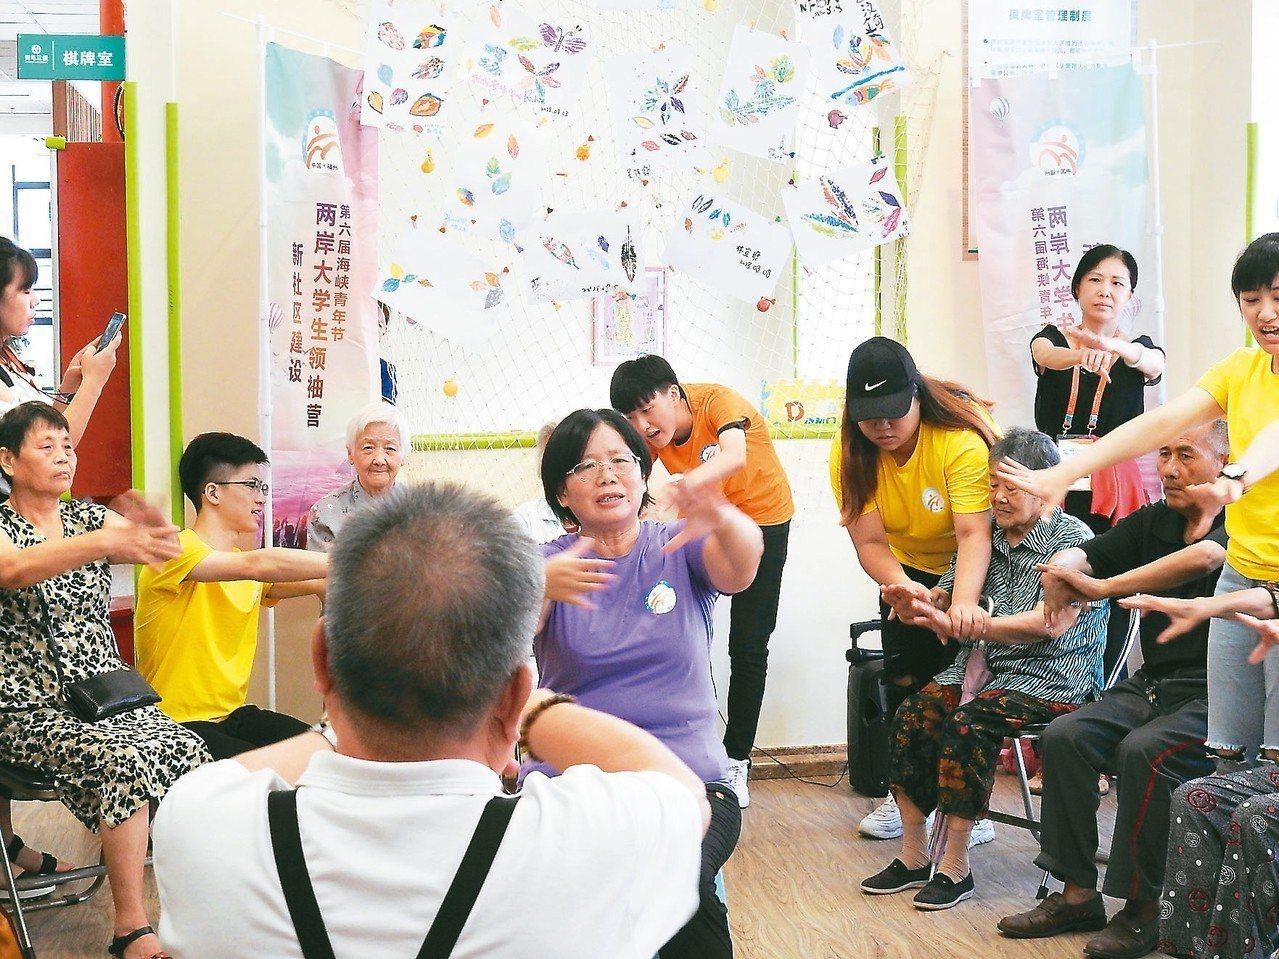 台灣人沈雪華(穿紫色T恤),與穿橘色、黃色T恤台灣社工系的大學生,協助行動不方便...